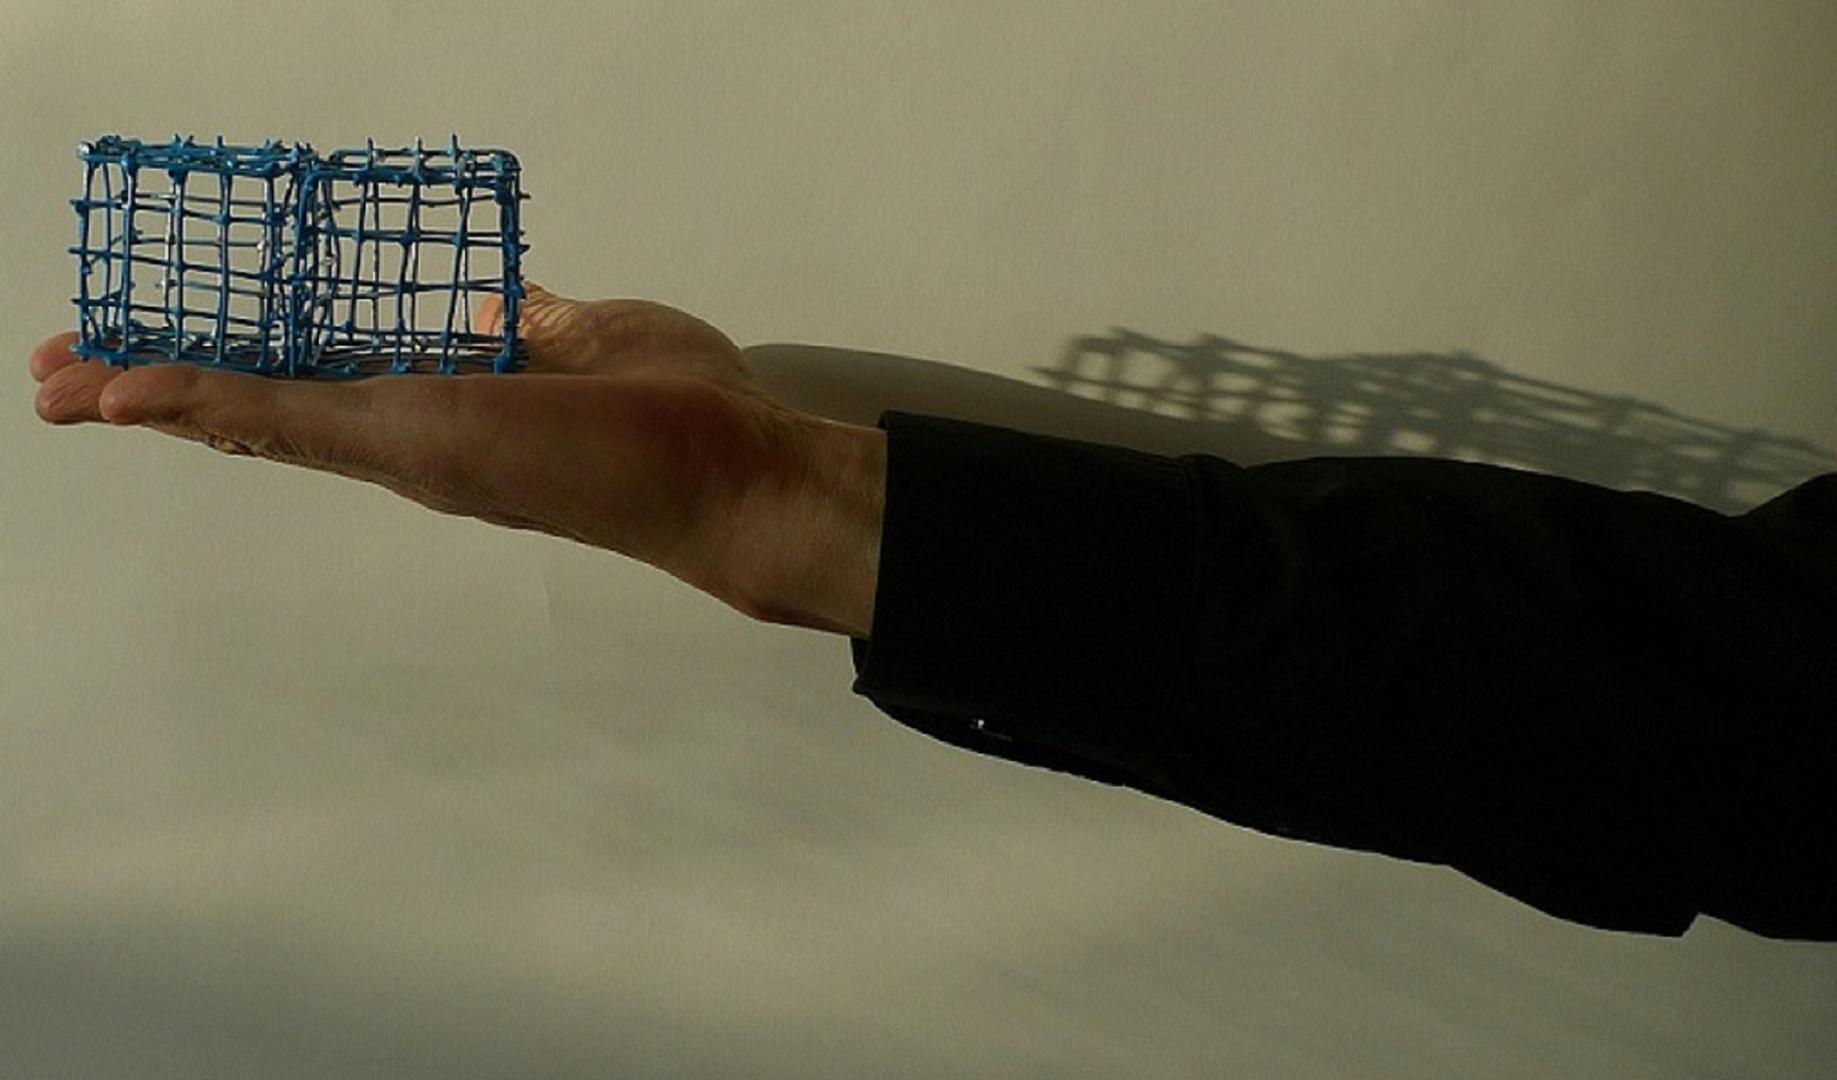 CubeArtShop, fotoBlokBlauwHomePage3.jpg